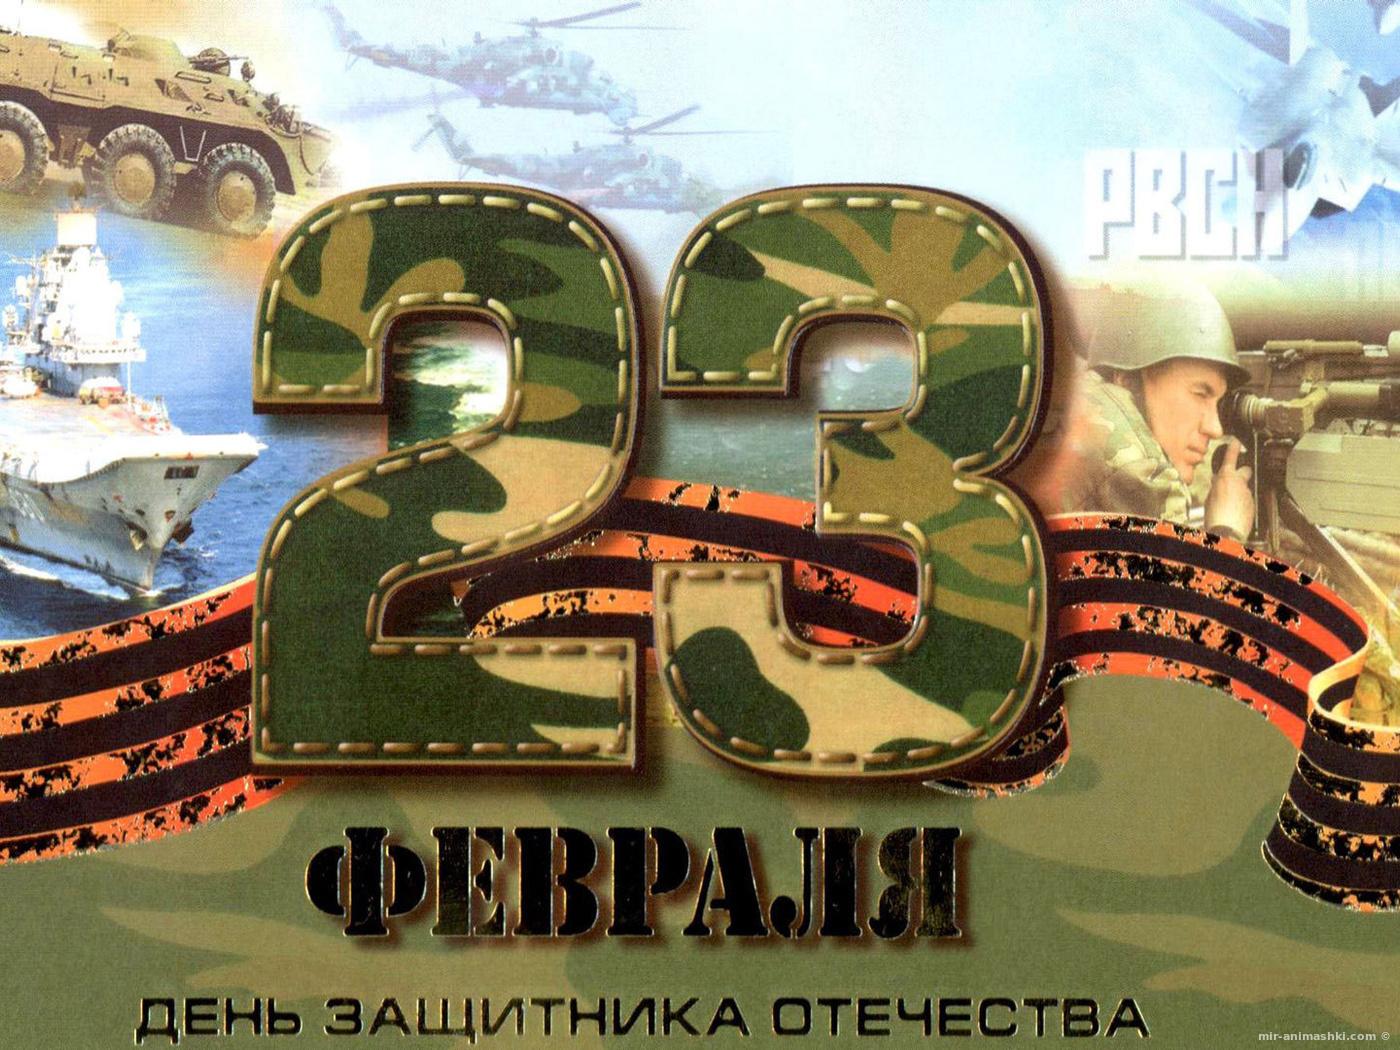 День защитника отечества (День советской армии) - 23 февраля 2017